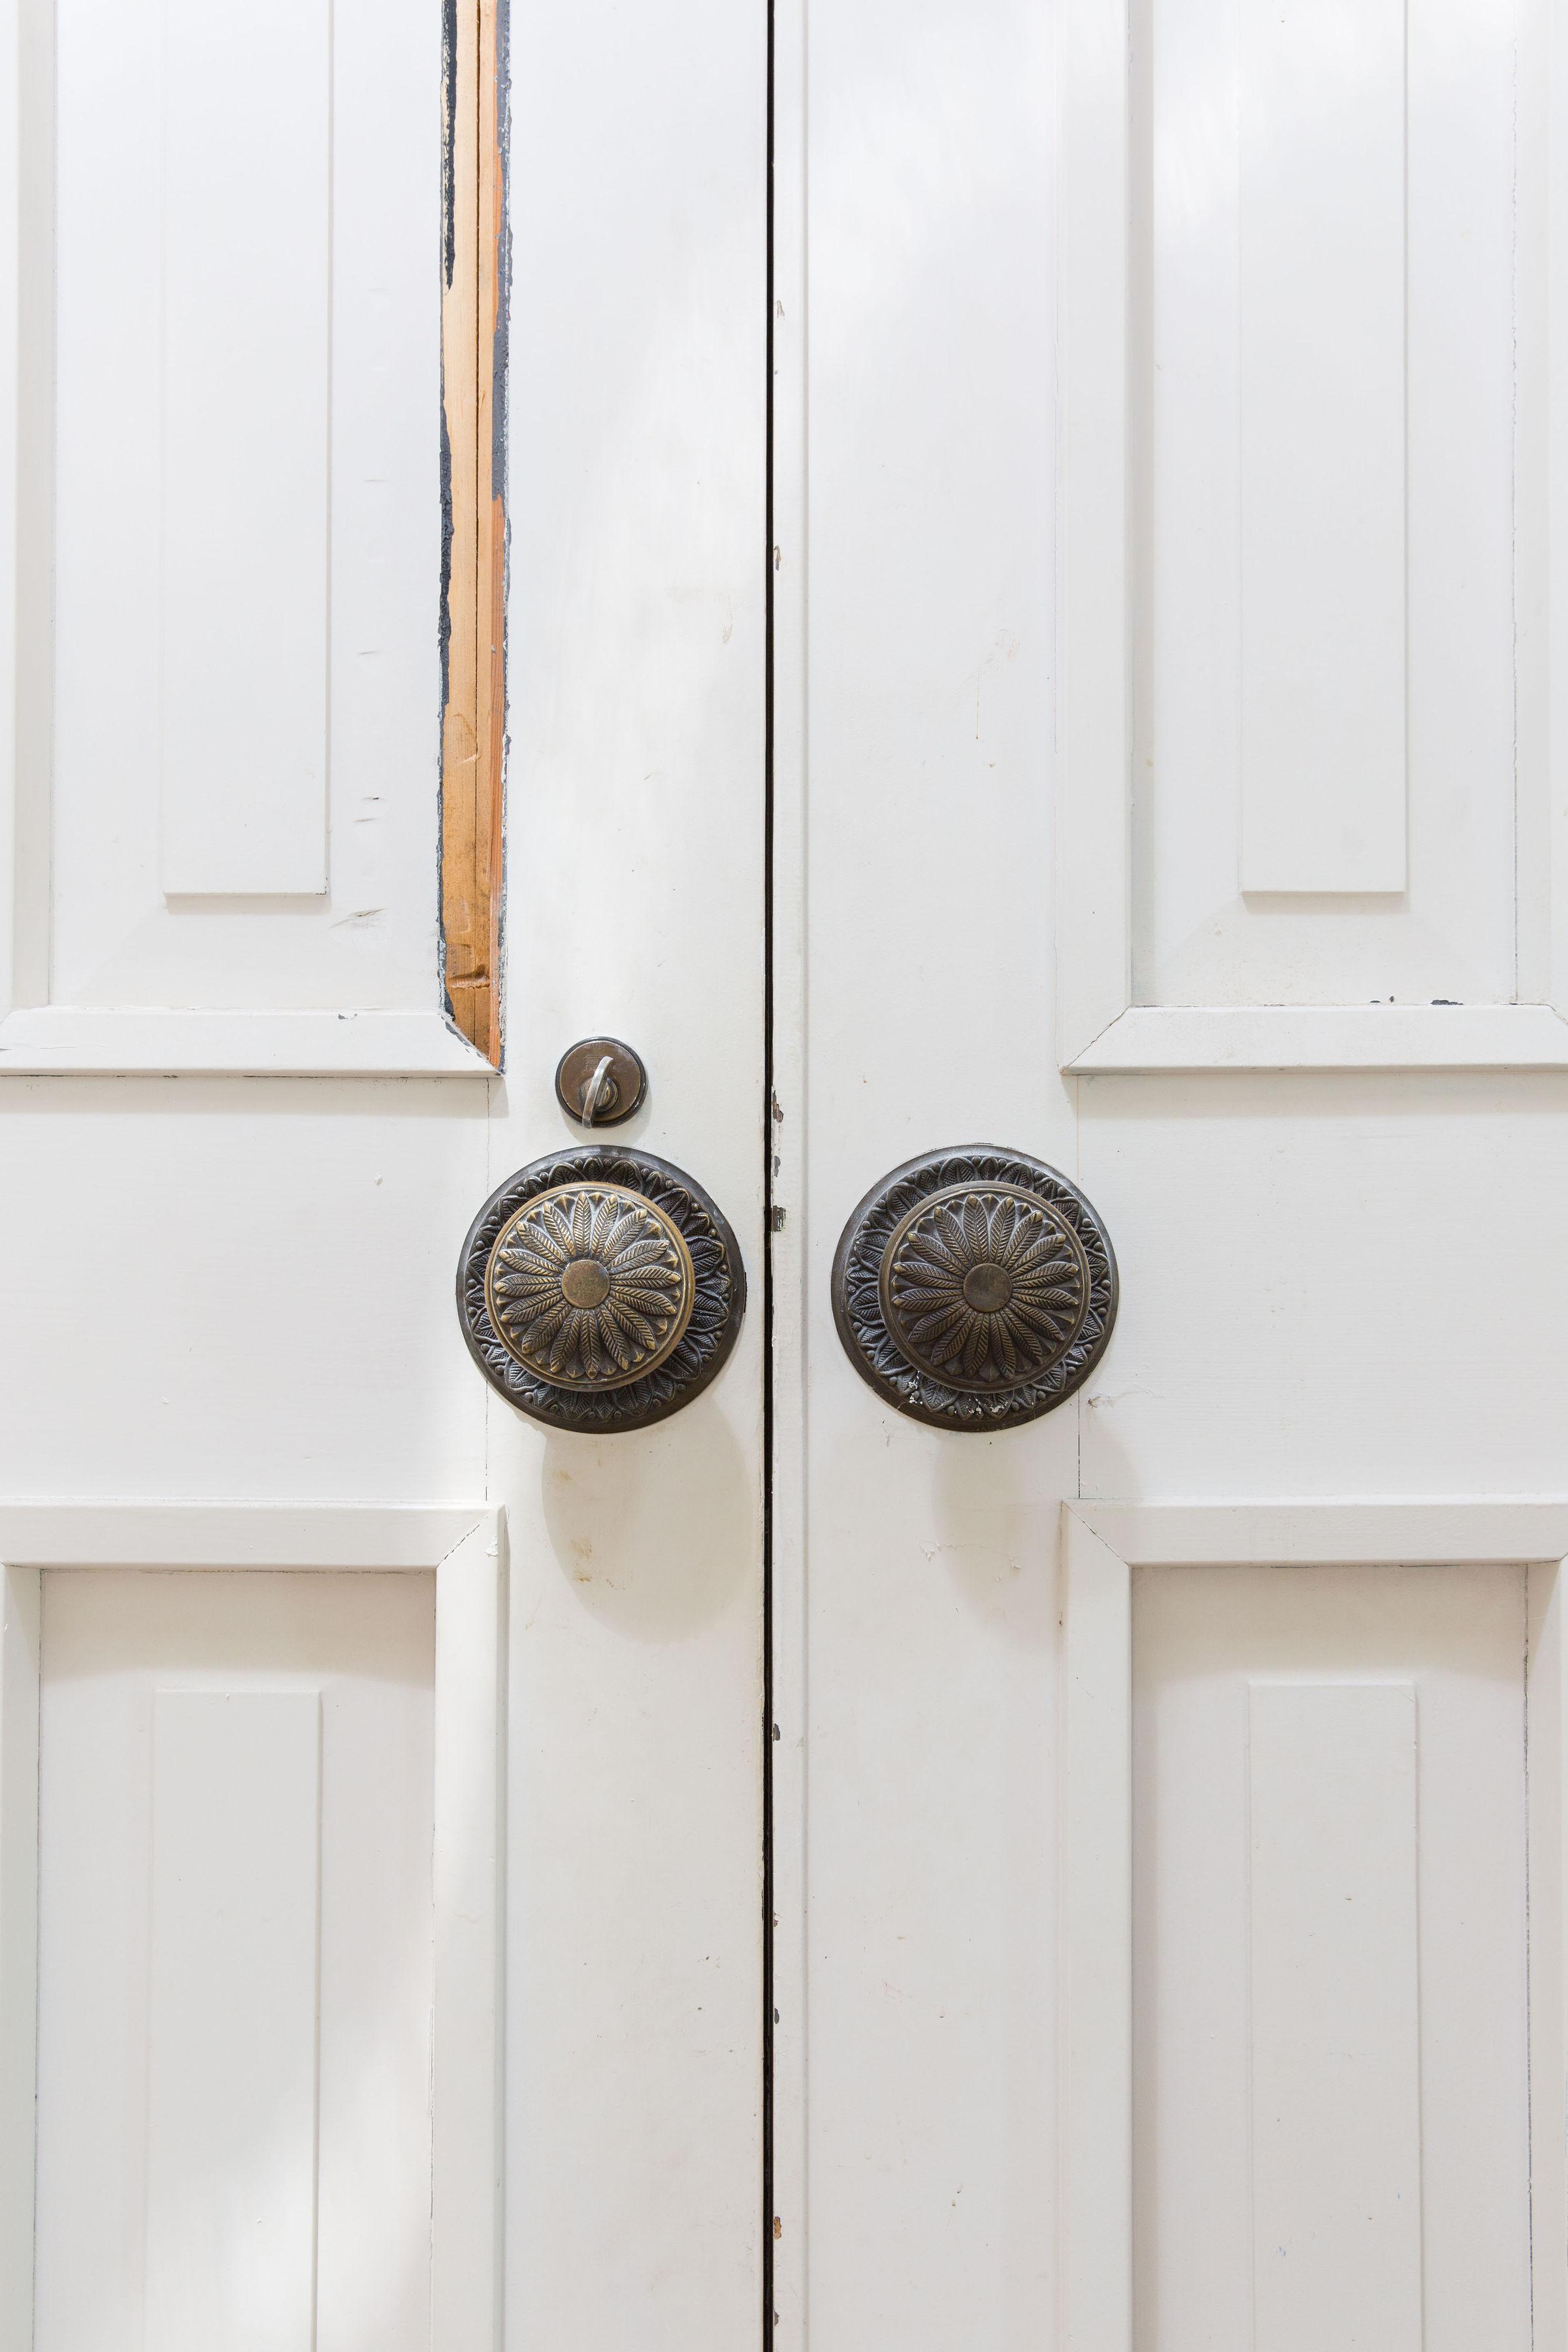 FRONT DOOR DETAIL - INTERIOR VIEW